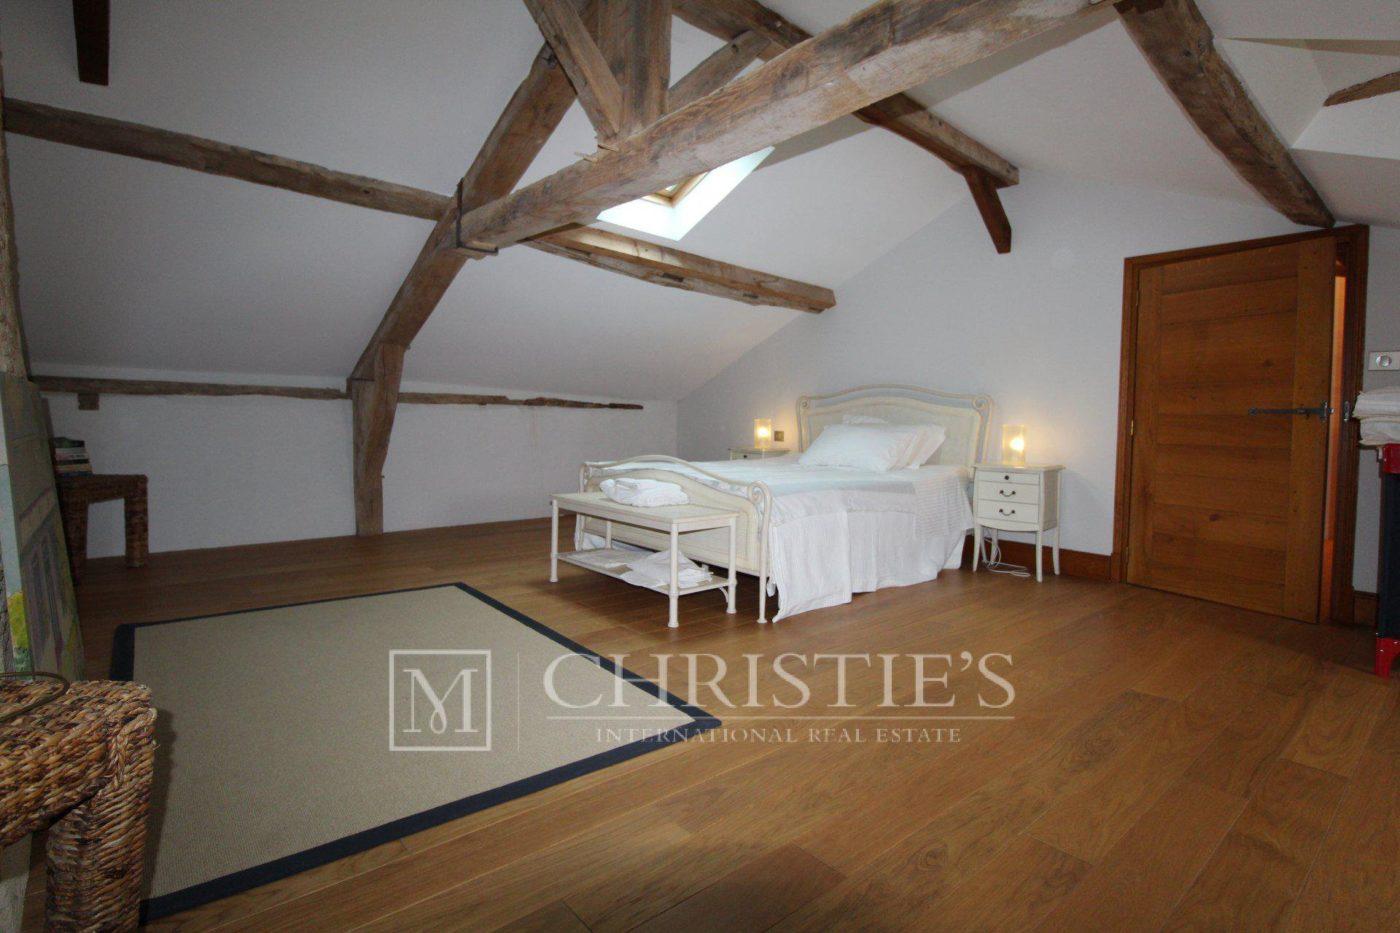 Chambre, Parquet, Cheminée - Petit vignoble près de Saint-Emilion avec magnifique Château historique